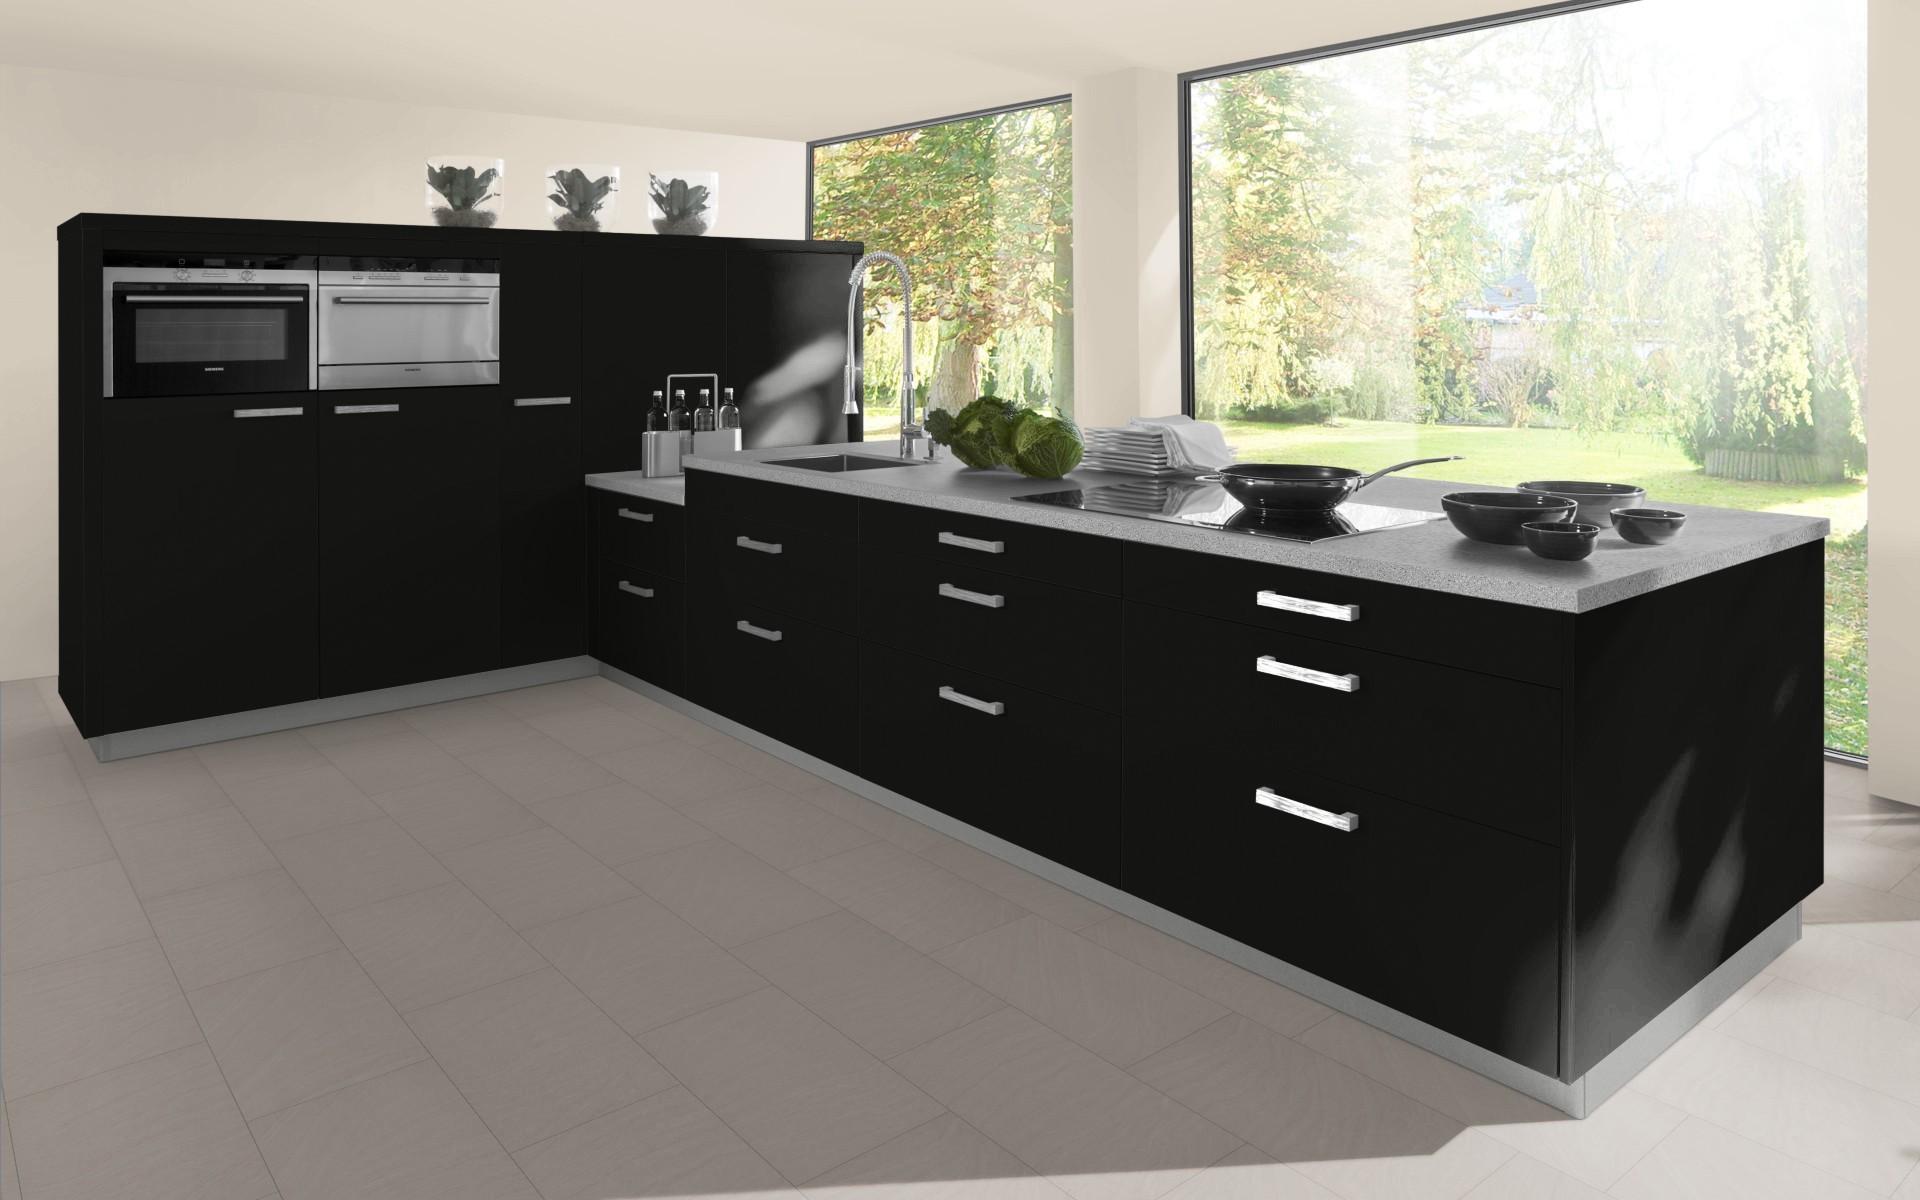 Classic Kitchen Door in Black